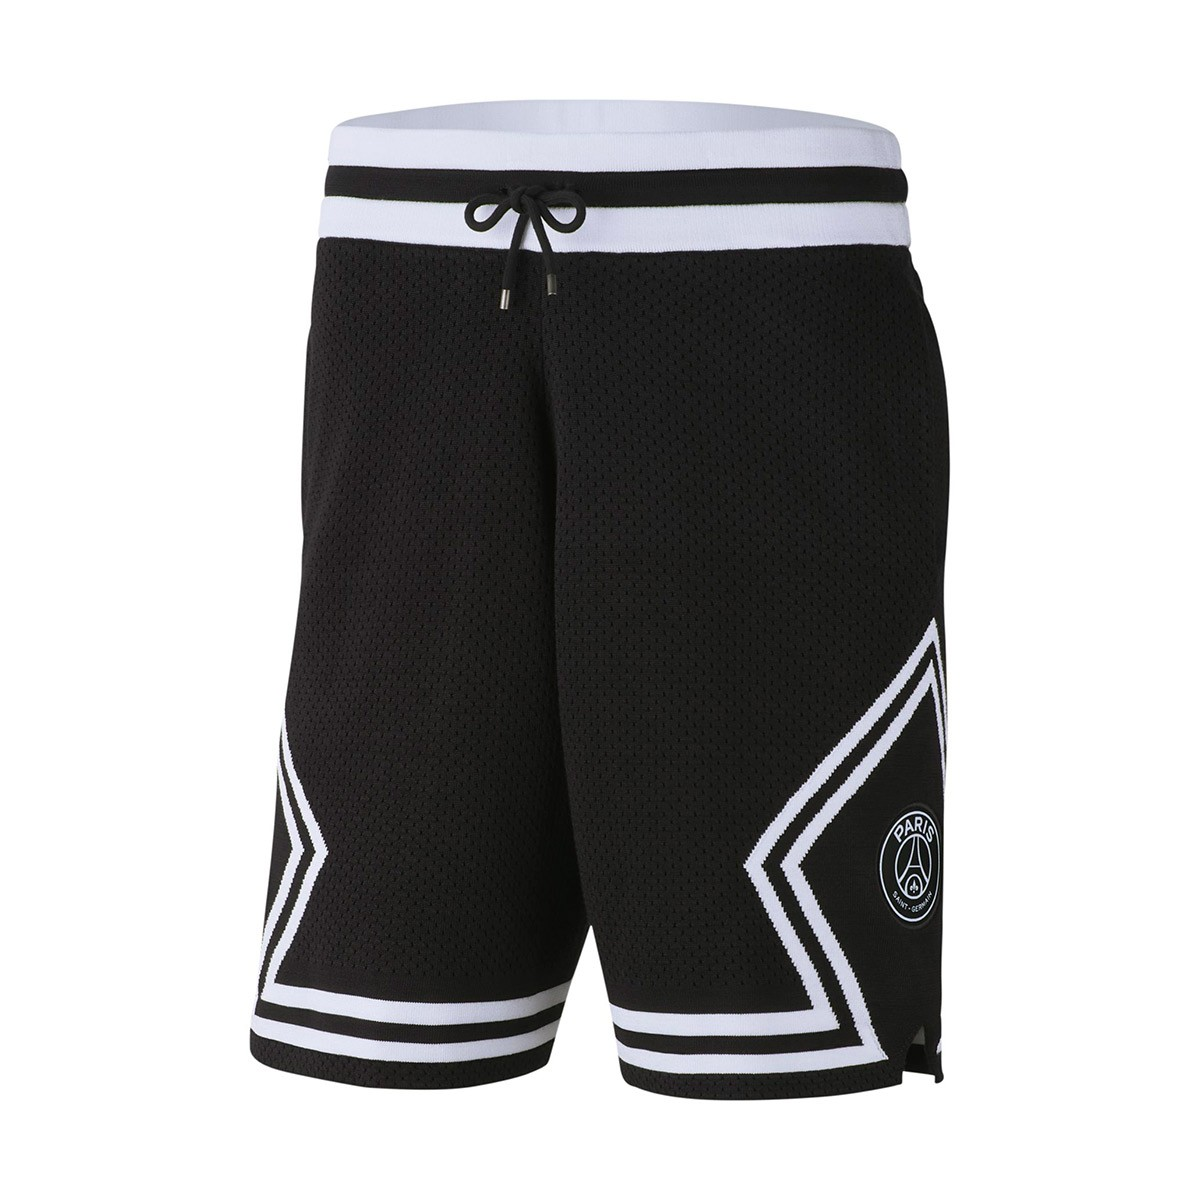 498225c0bf9 Calções Nike Jordan x PSG Diamond Black-White - Loja de futebol ...